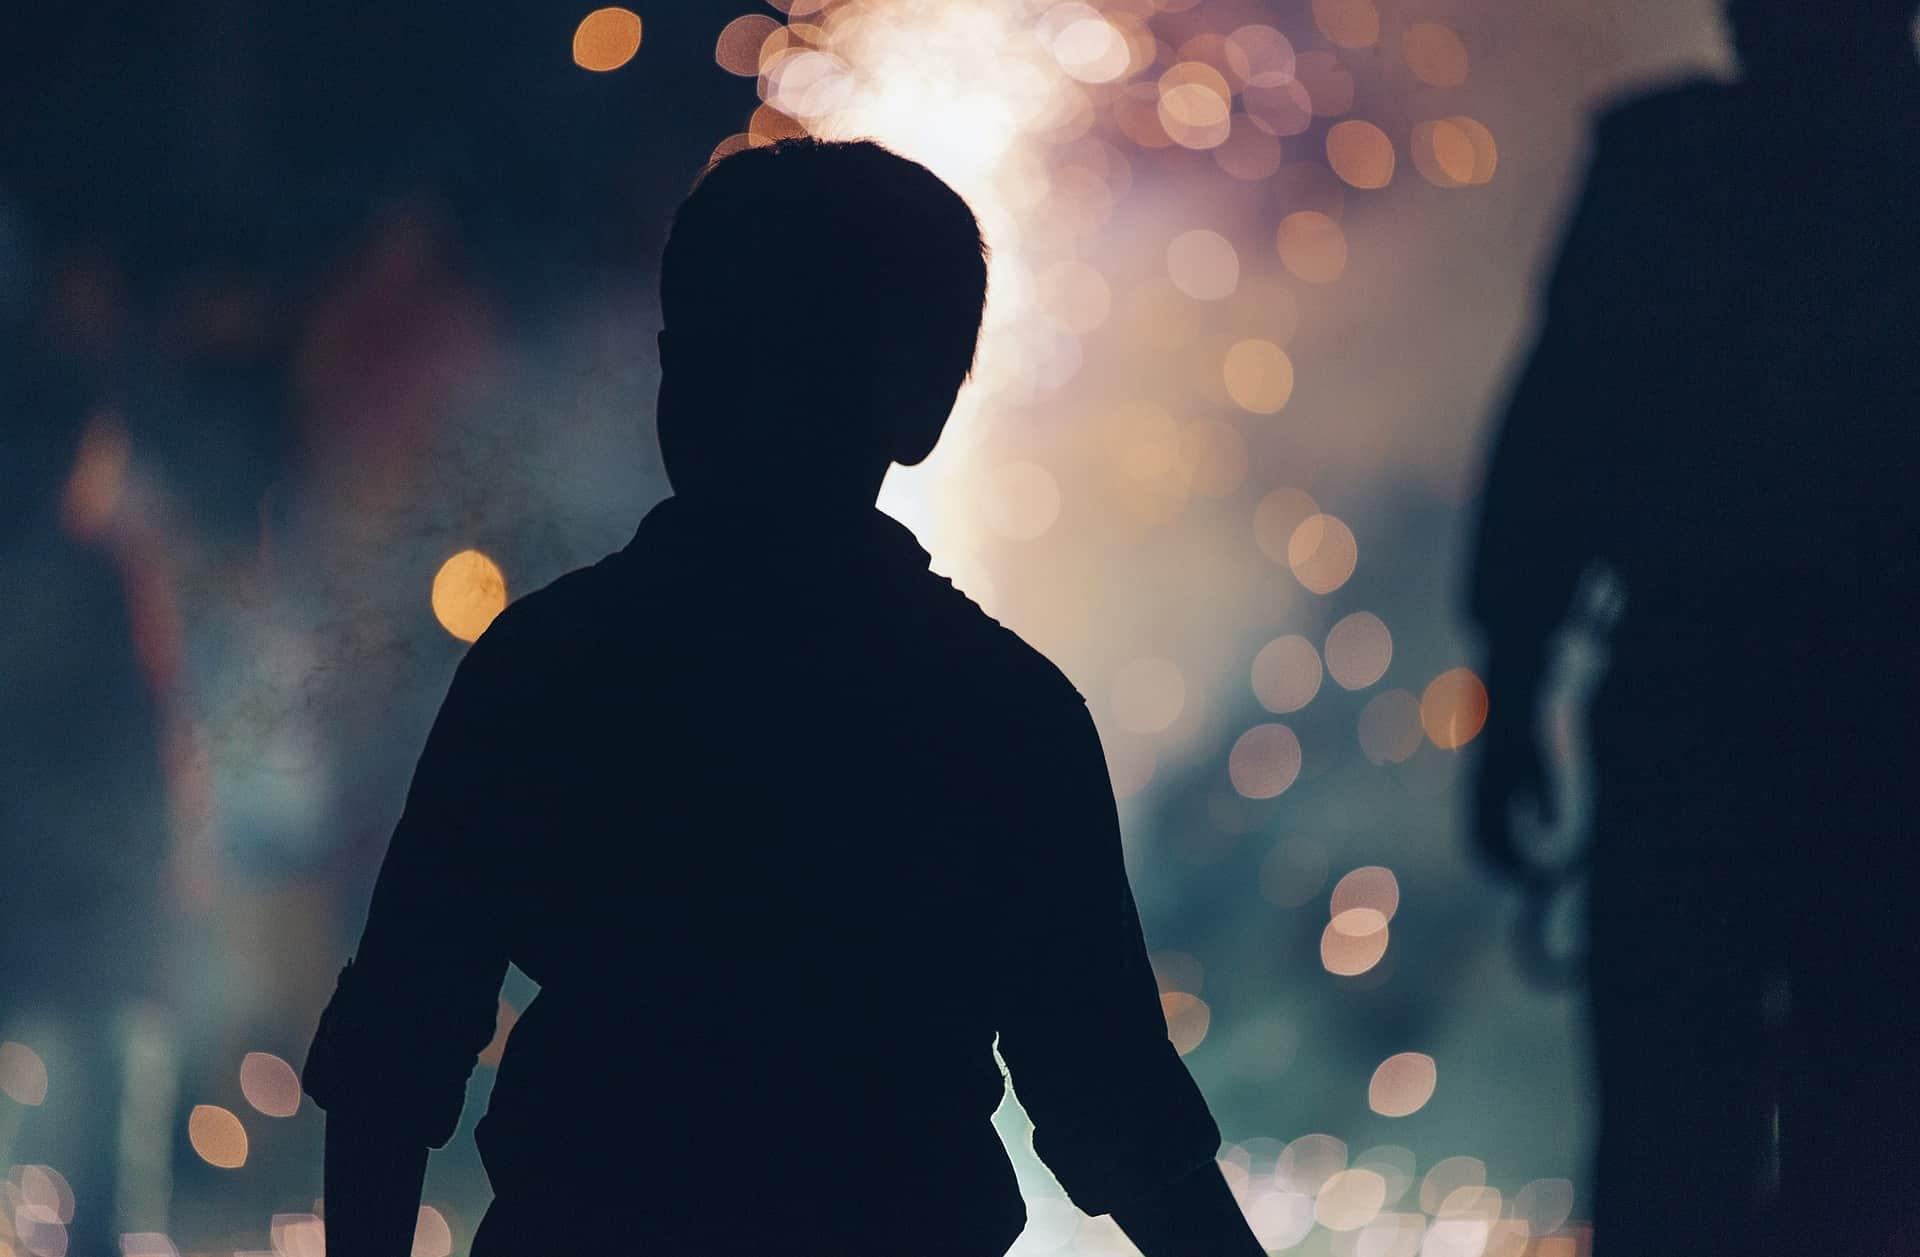 אסורה העסקת קטינים מתחת לגיל 14, צילום אילוסטרציה